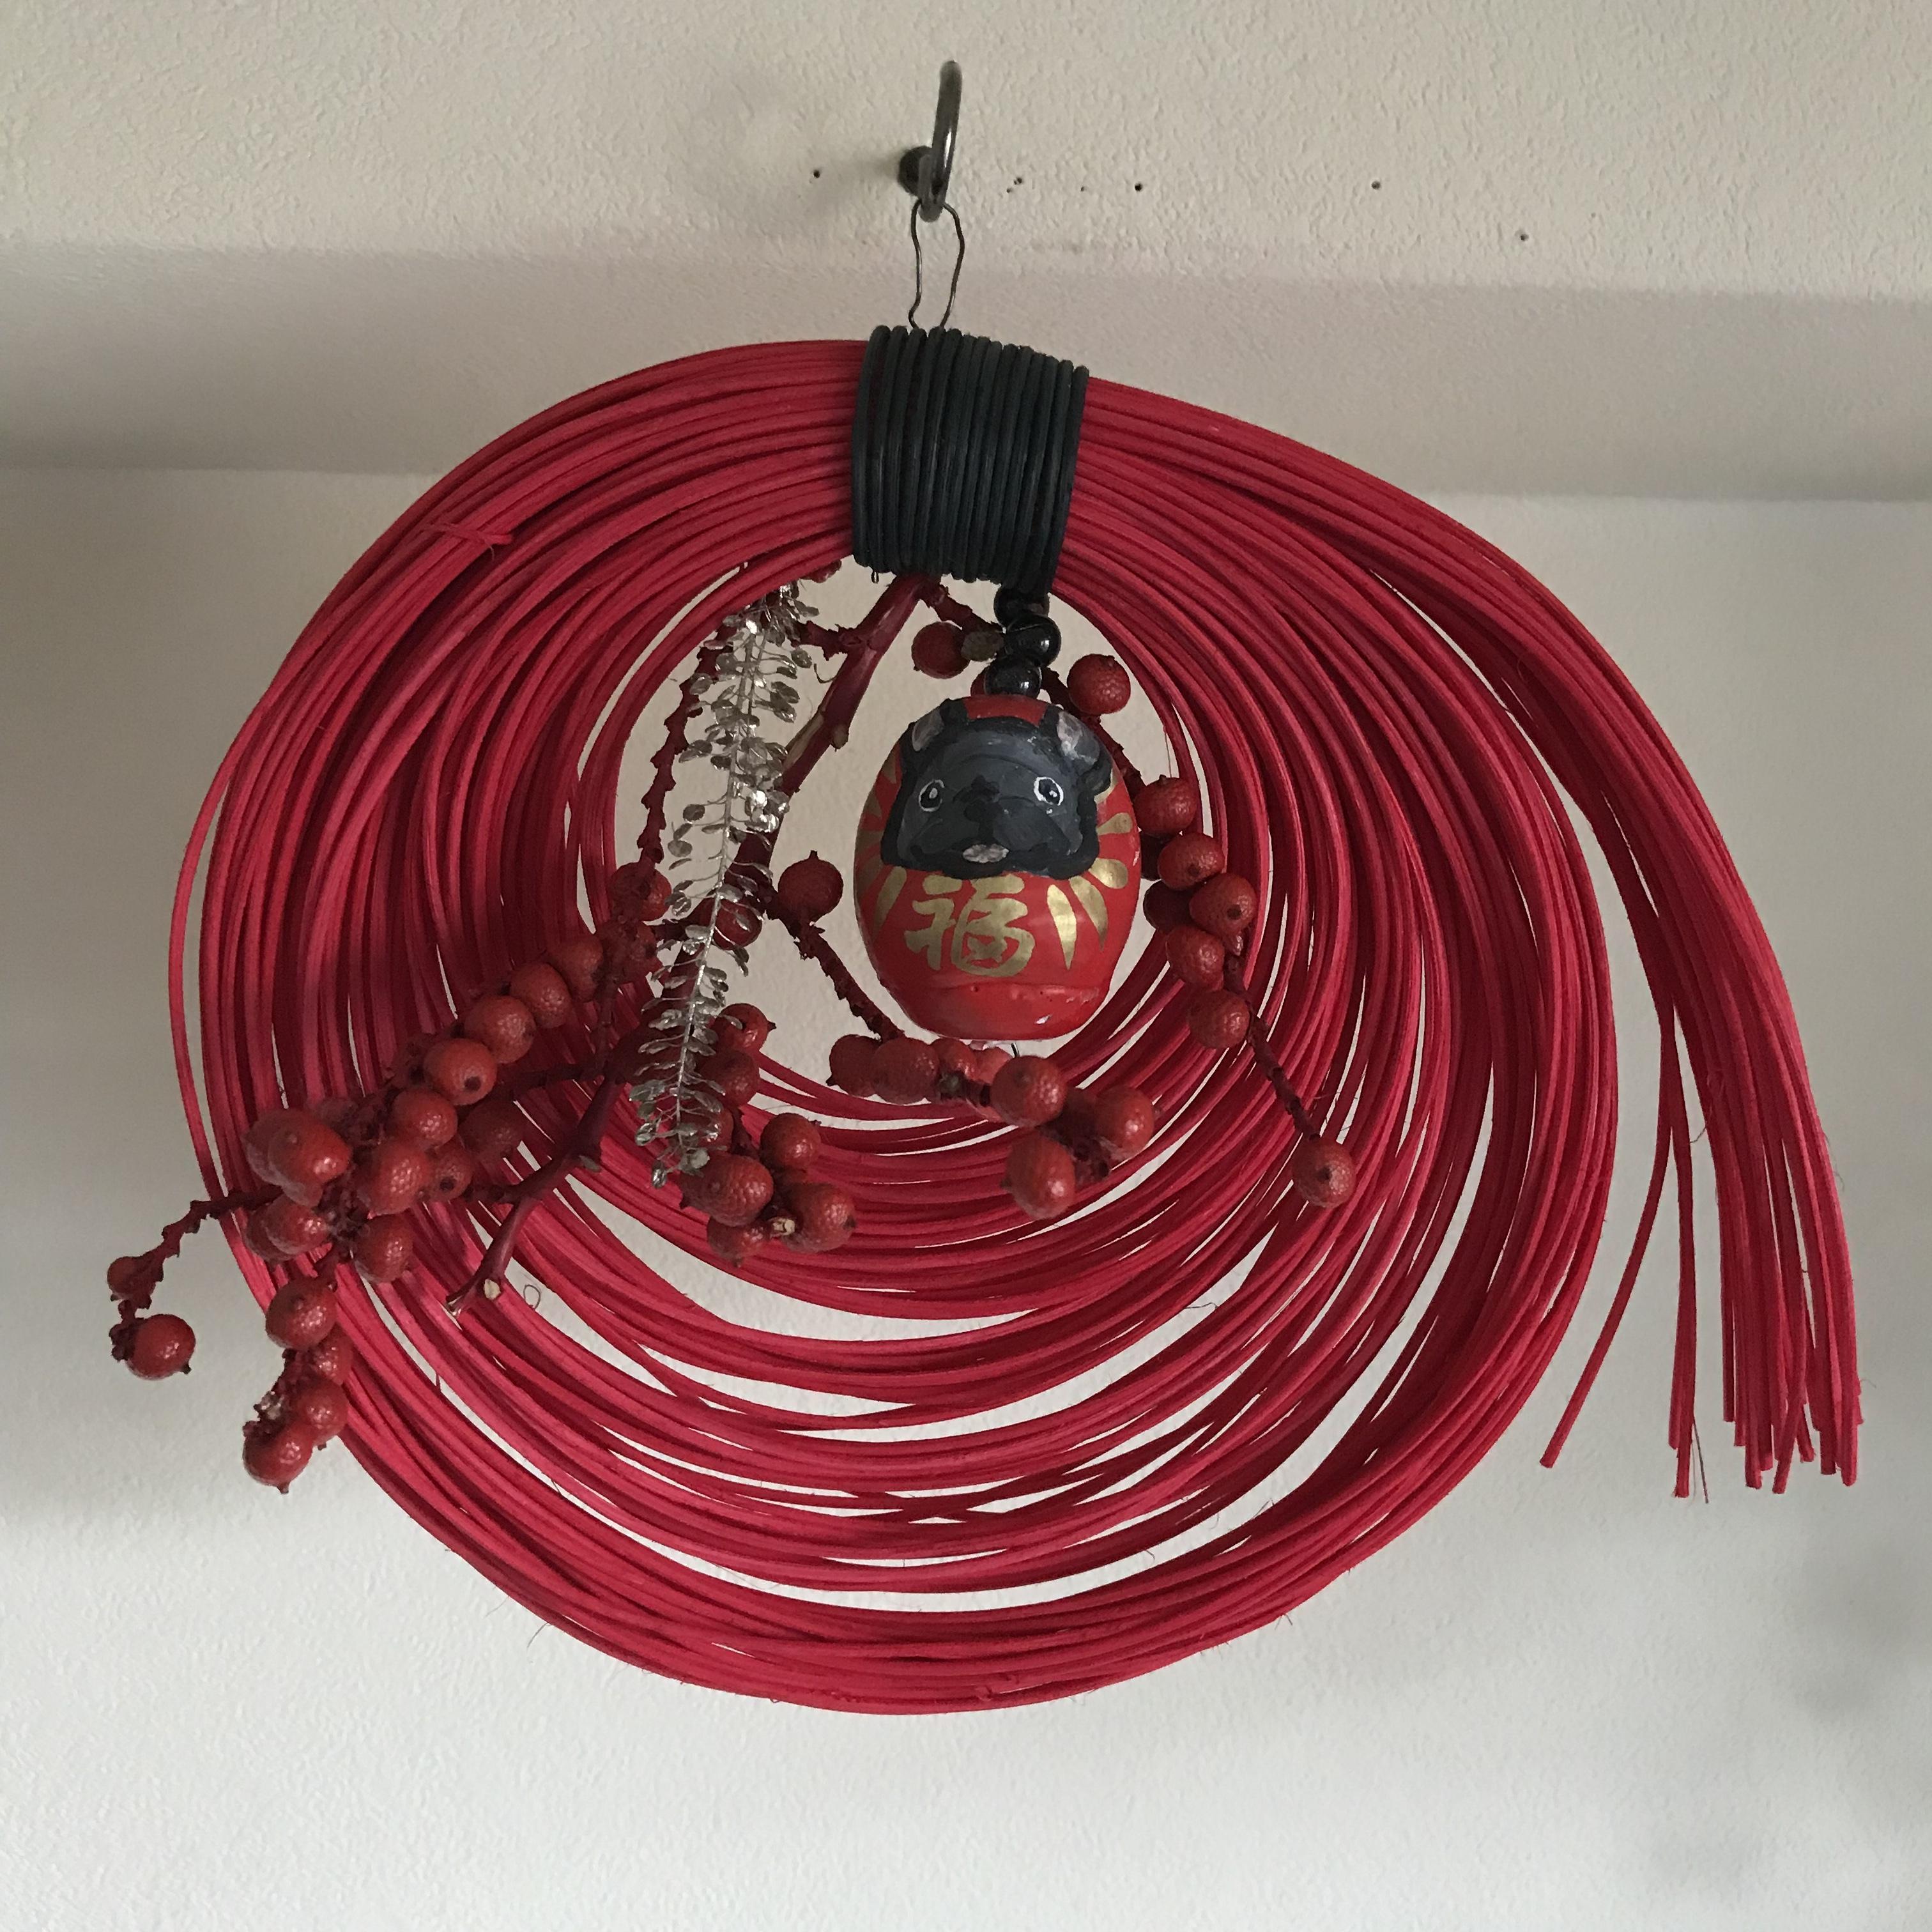 モダンBUHI正月飾り(赤)ブリンドル